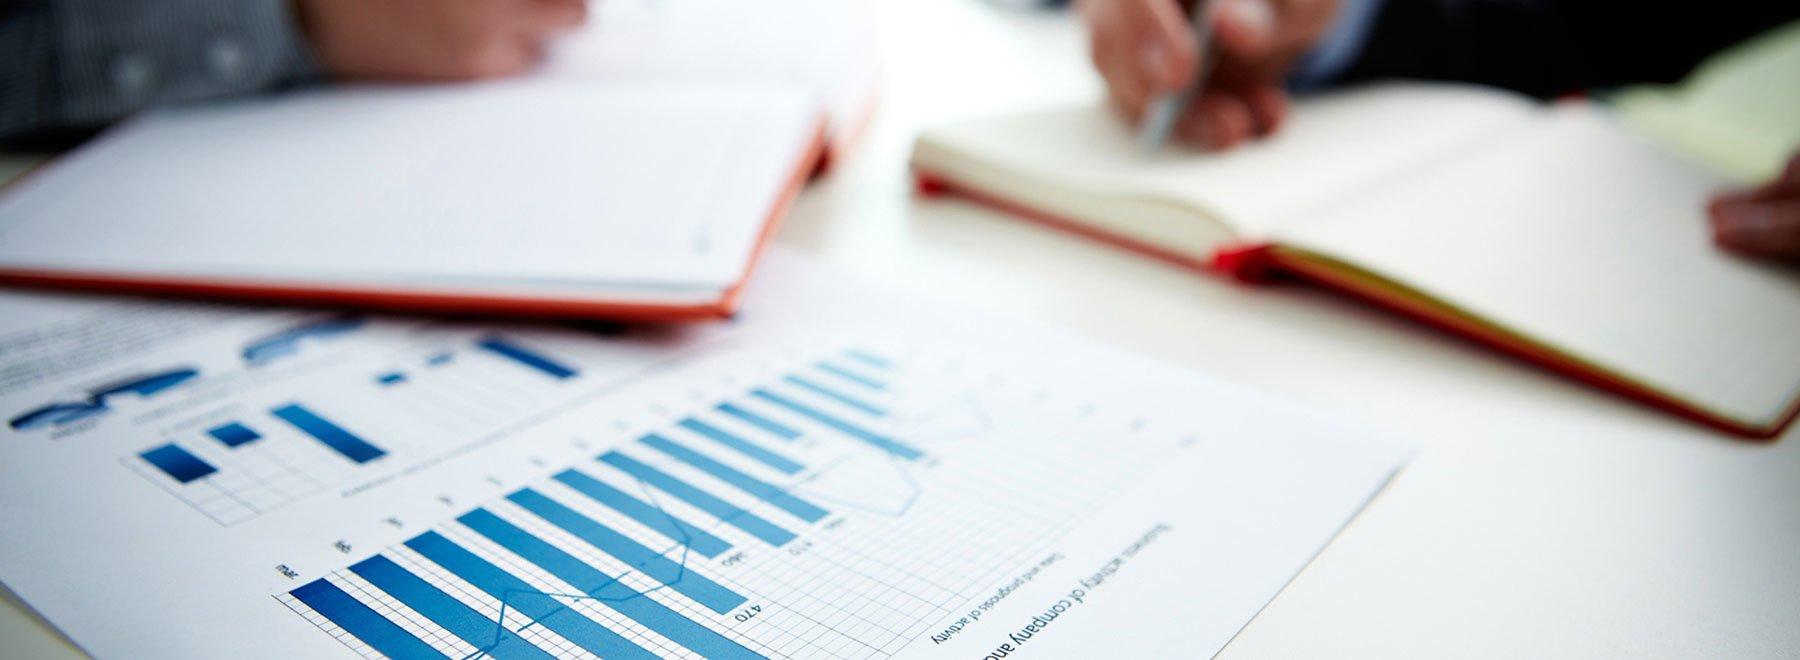 Поручительства для малого и среднего бизнеса